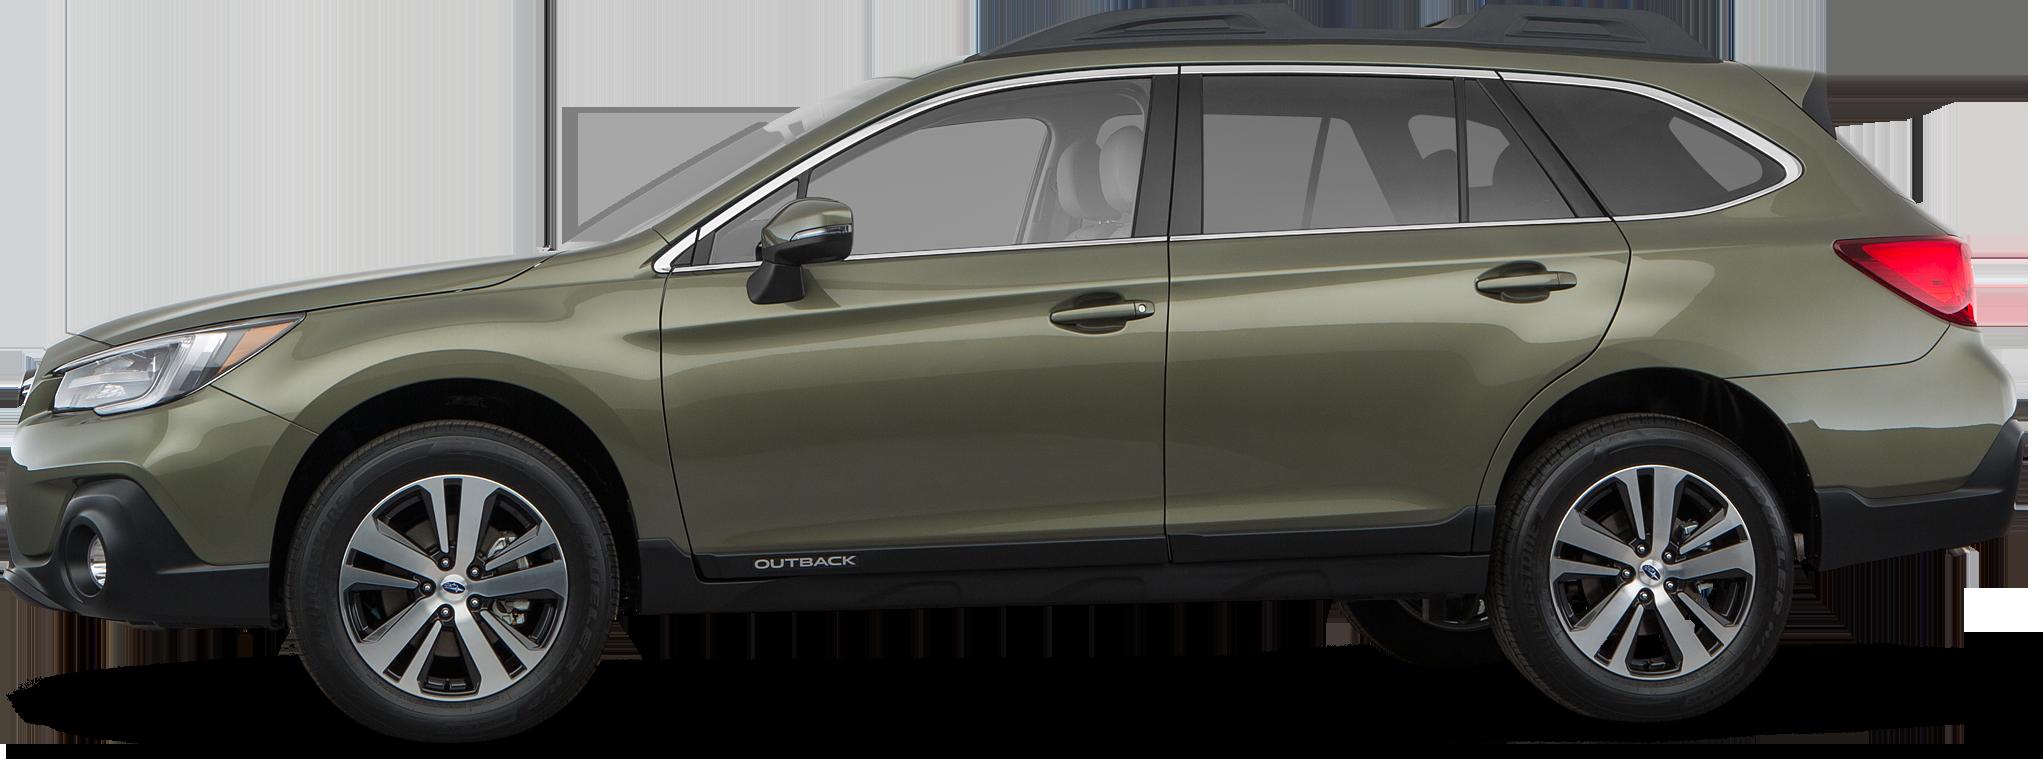 2019 Subaru Outback SUV 2.5i Limited